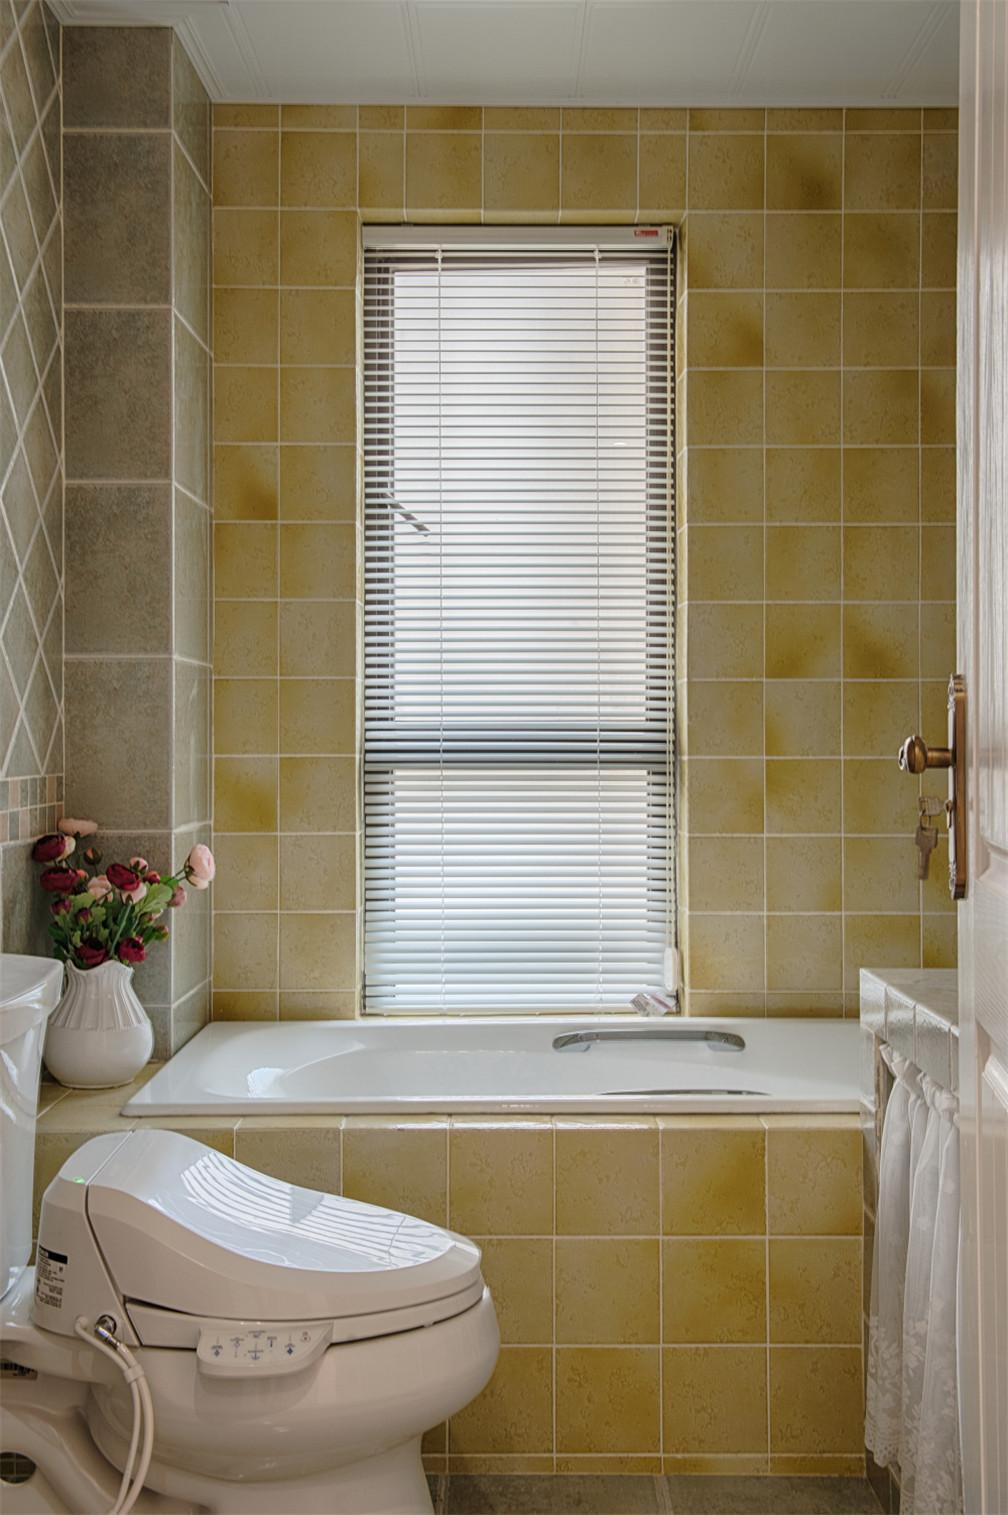 三居室美式空间浴缸图片